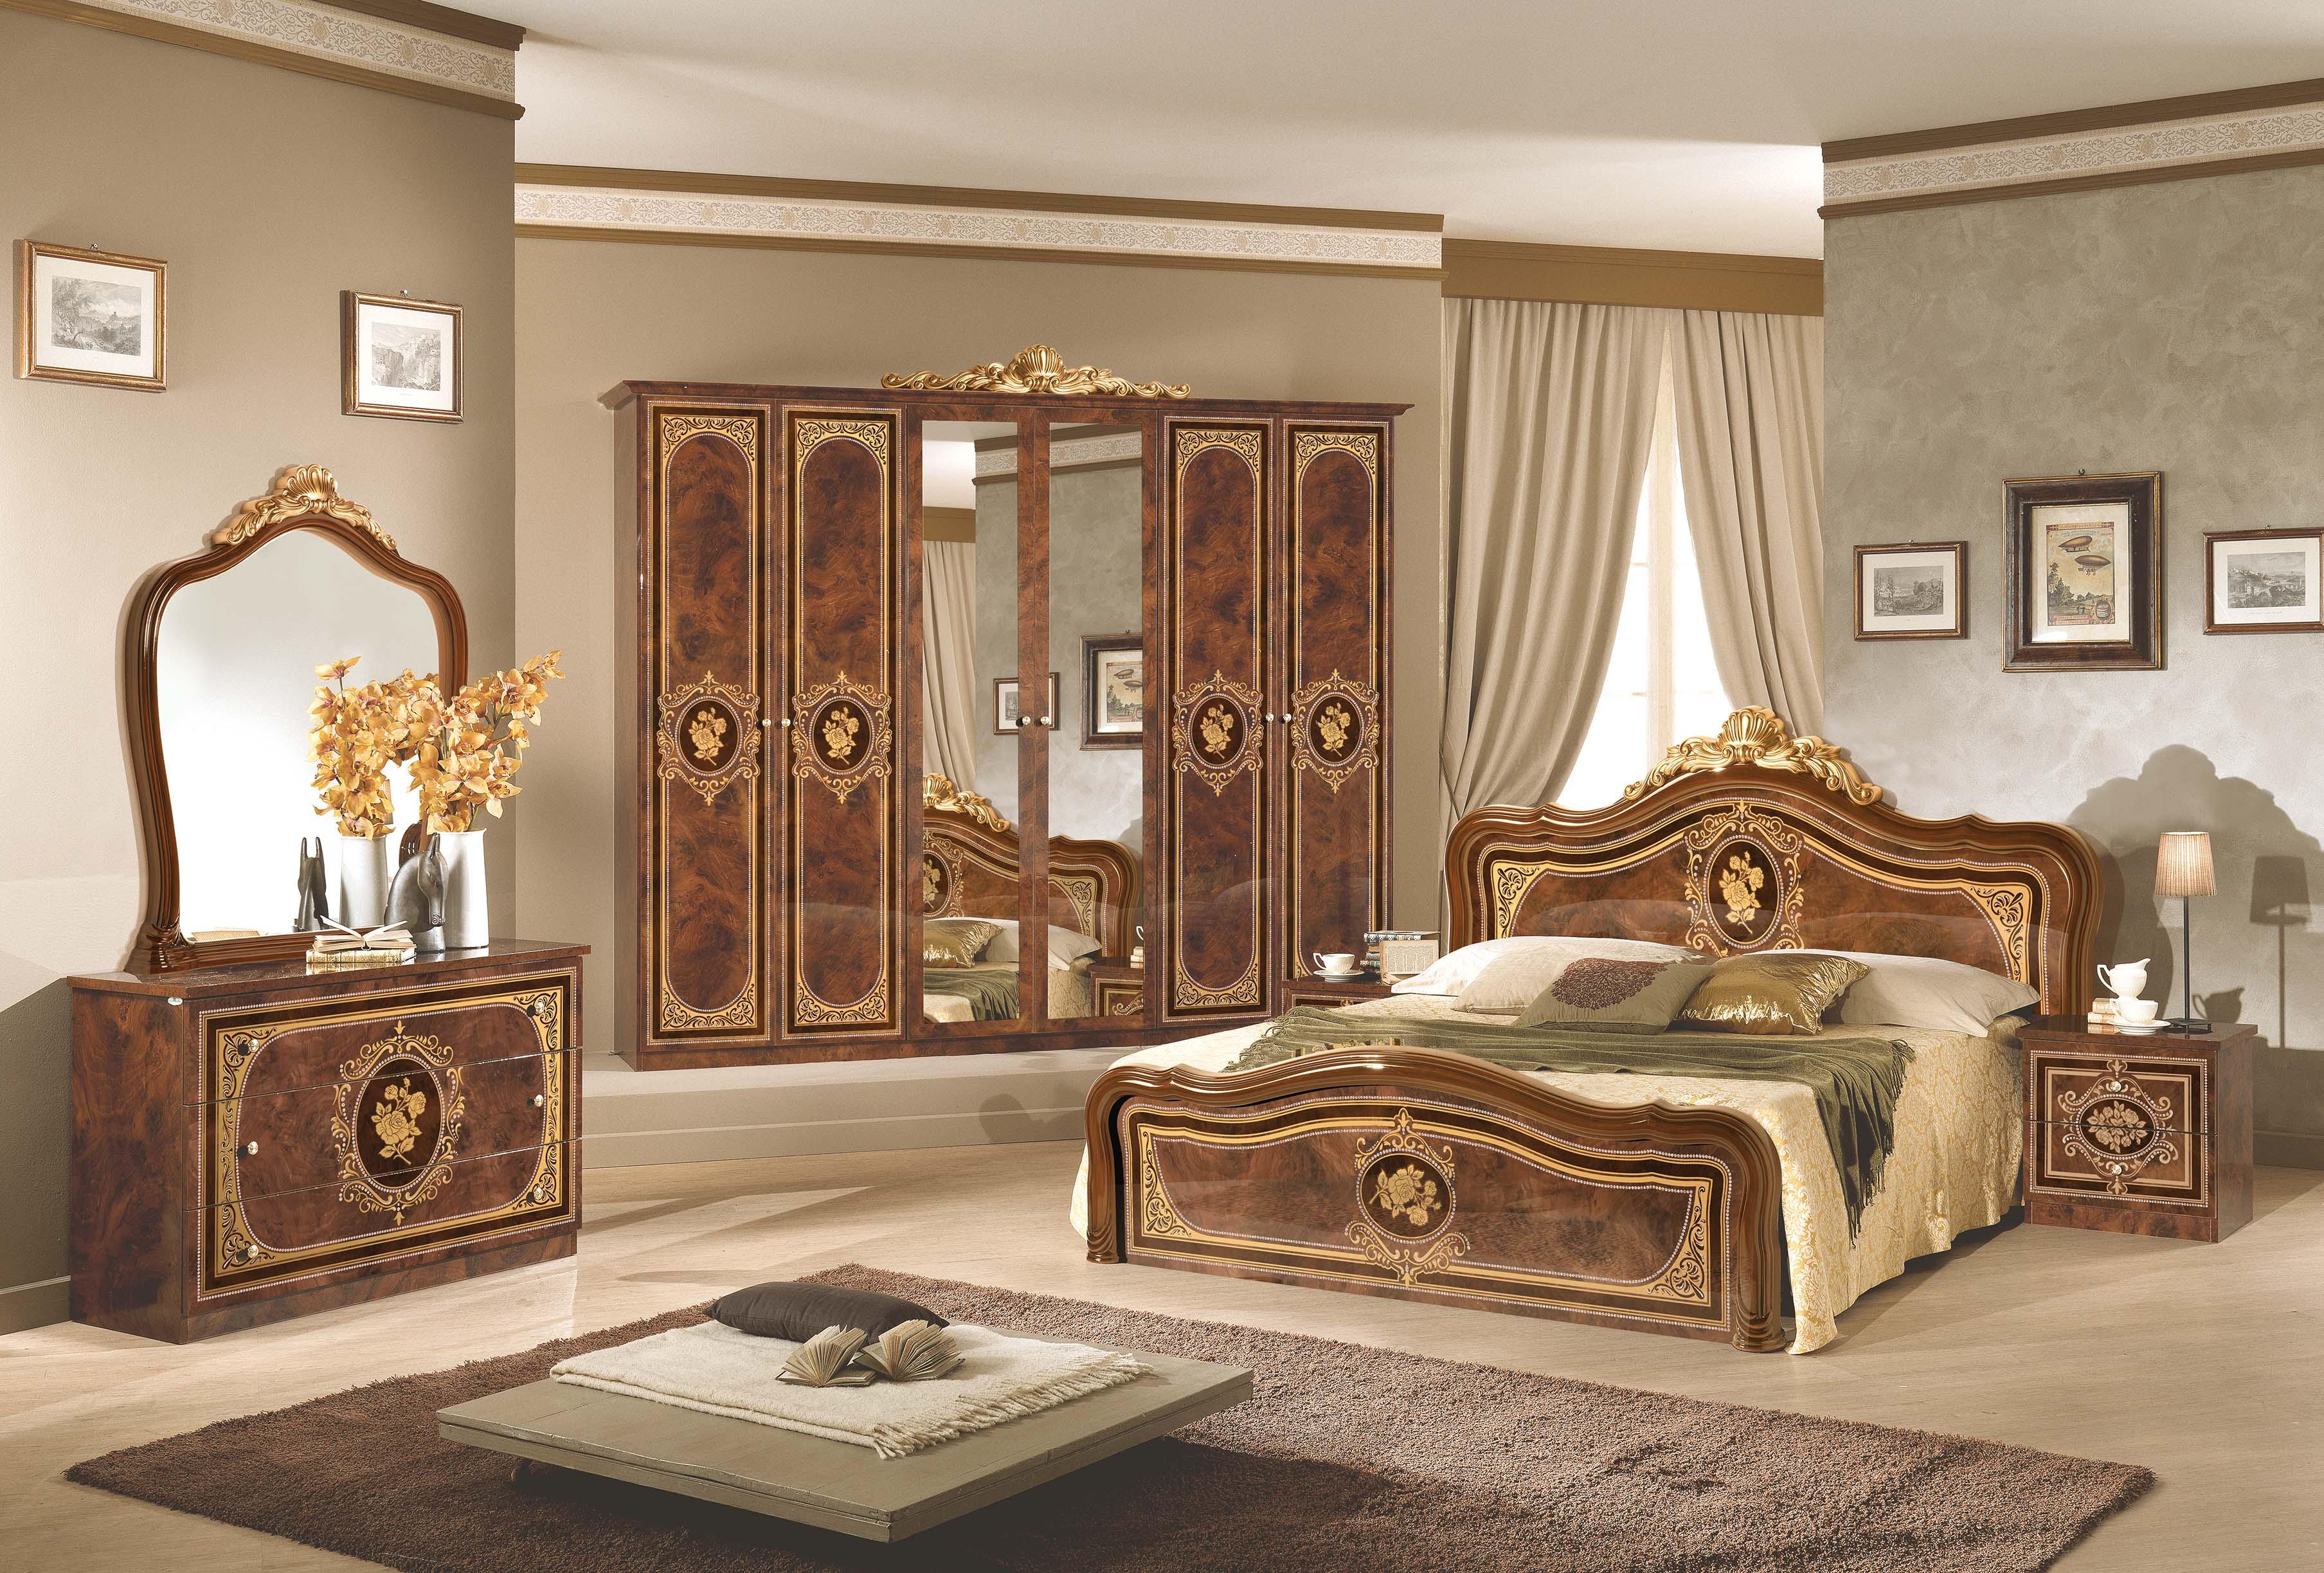 Spiegel Schlafzimmer | Kommode Mit Spiegel Alice In Beige Creme Schlafzimmer Xp Pkalccom1spech